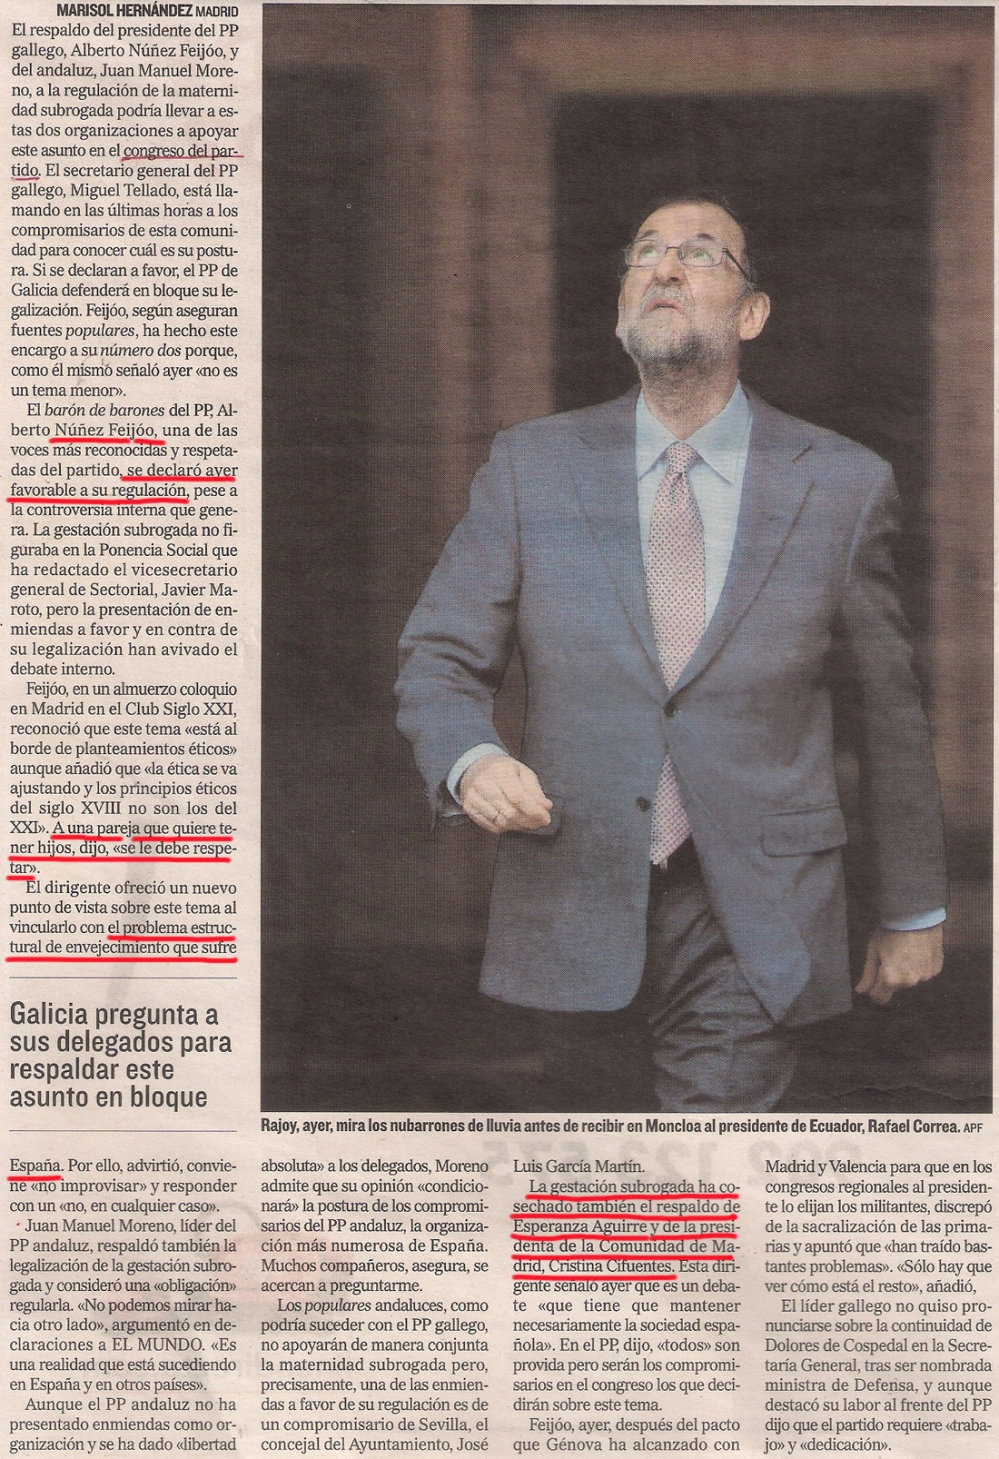 2017-01-31-el-mundo-feijoo-gestacion-subrogada-2